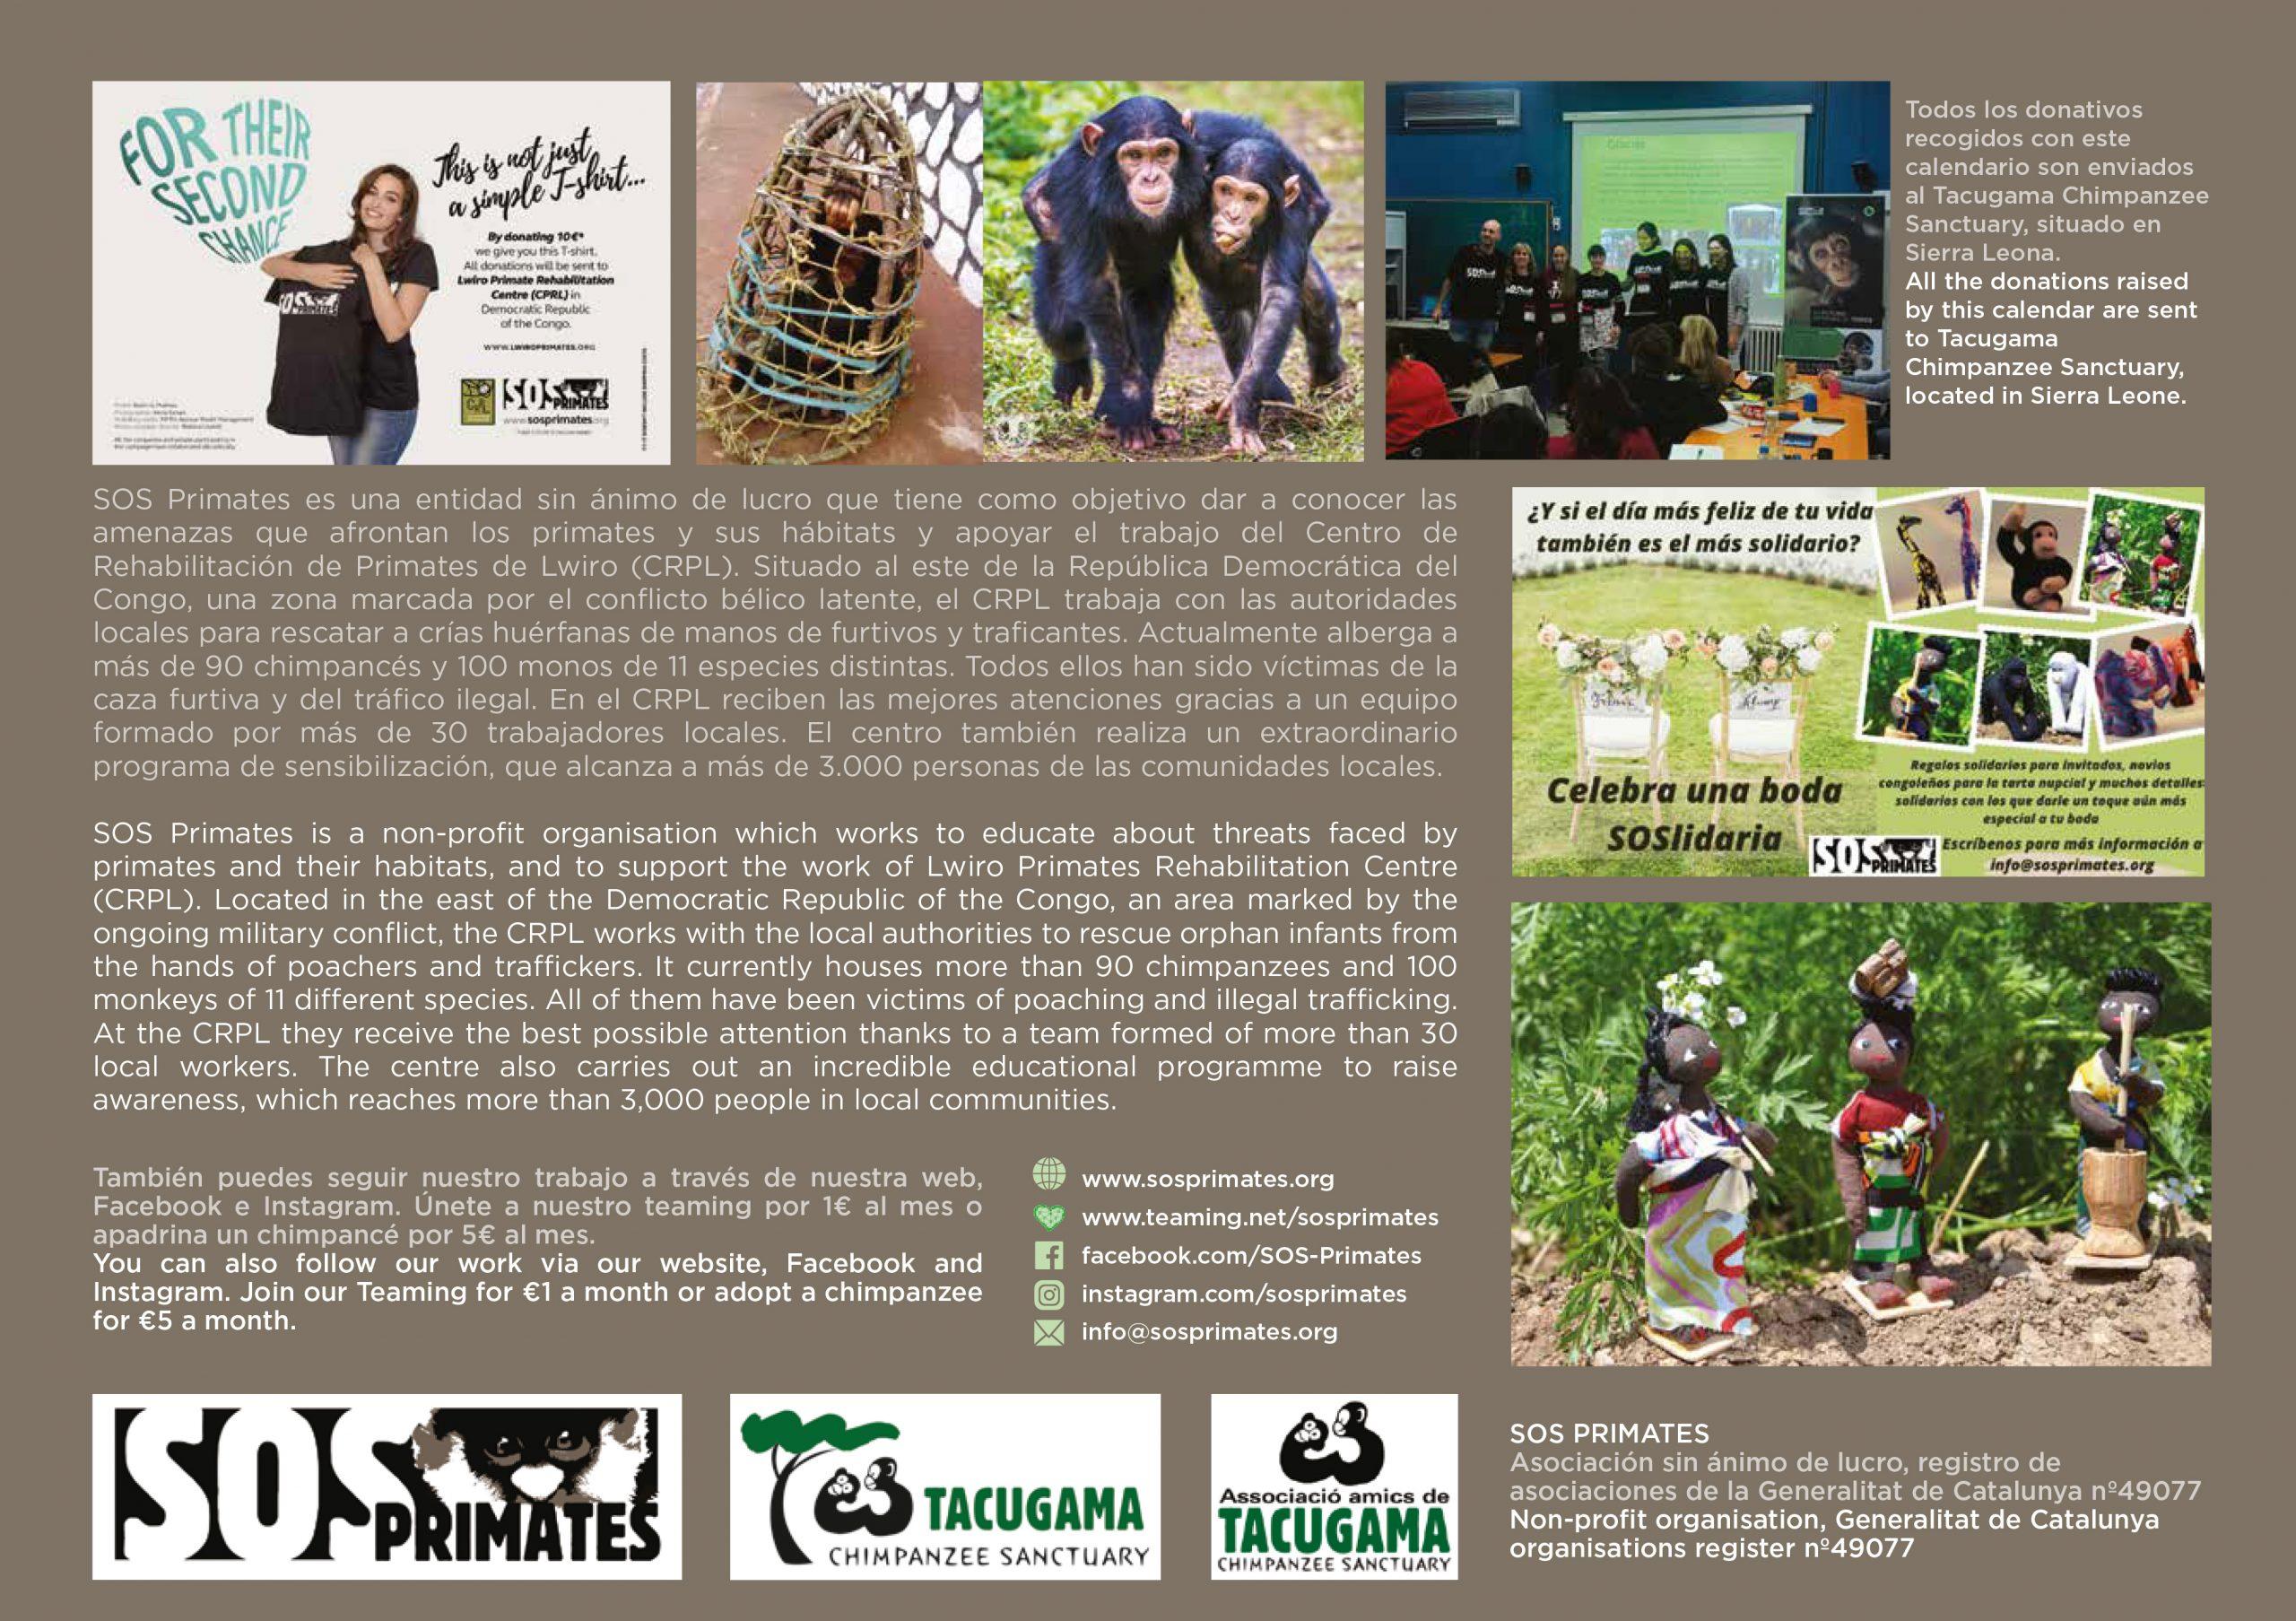 2021 Tacugama Calendar – Tacugama Chimpanzee Sanctuary